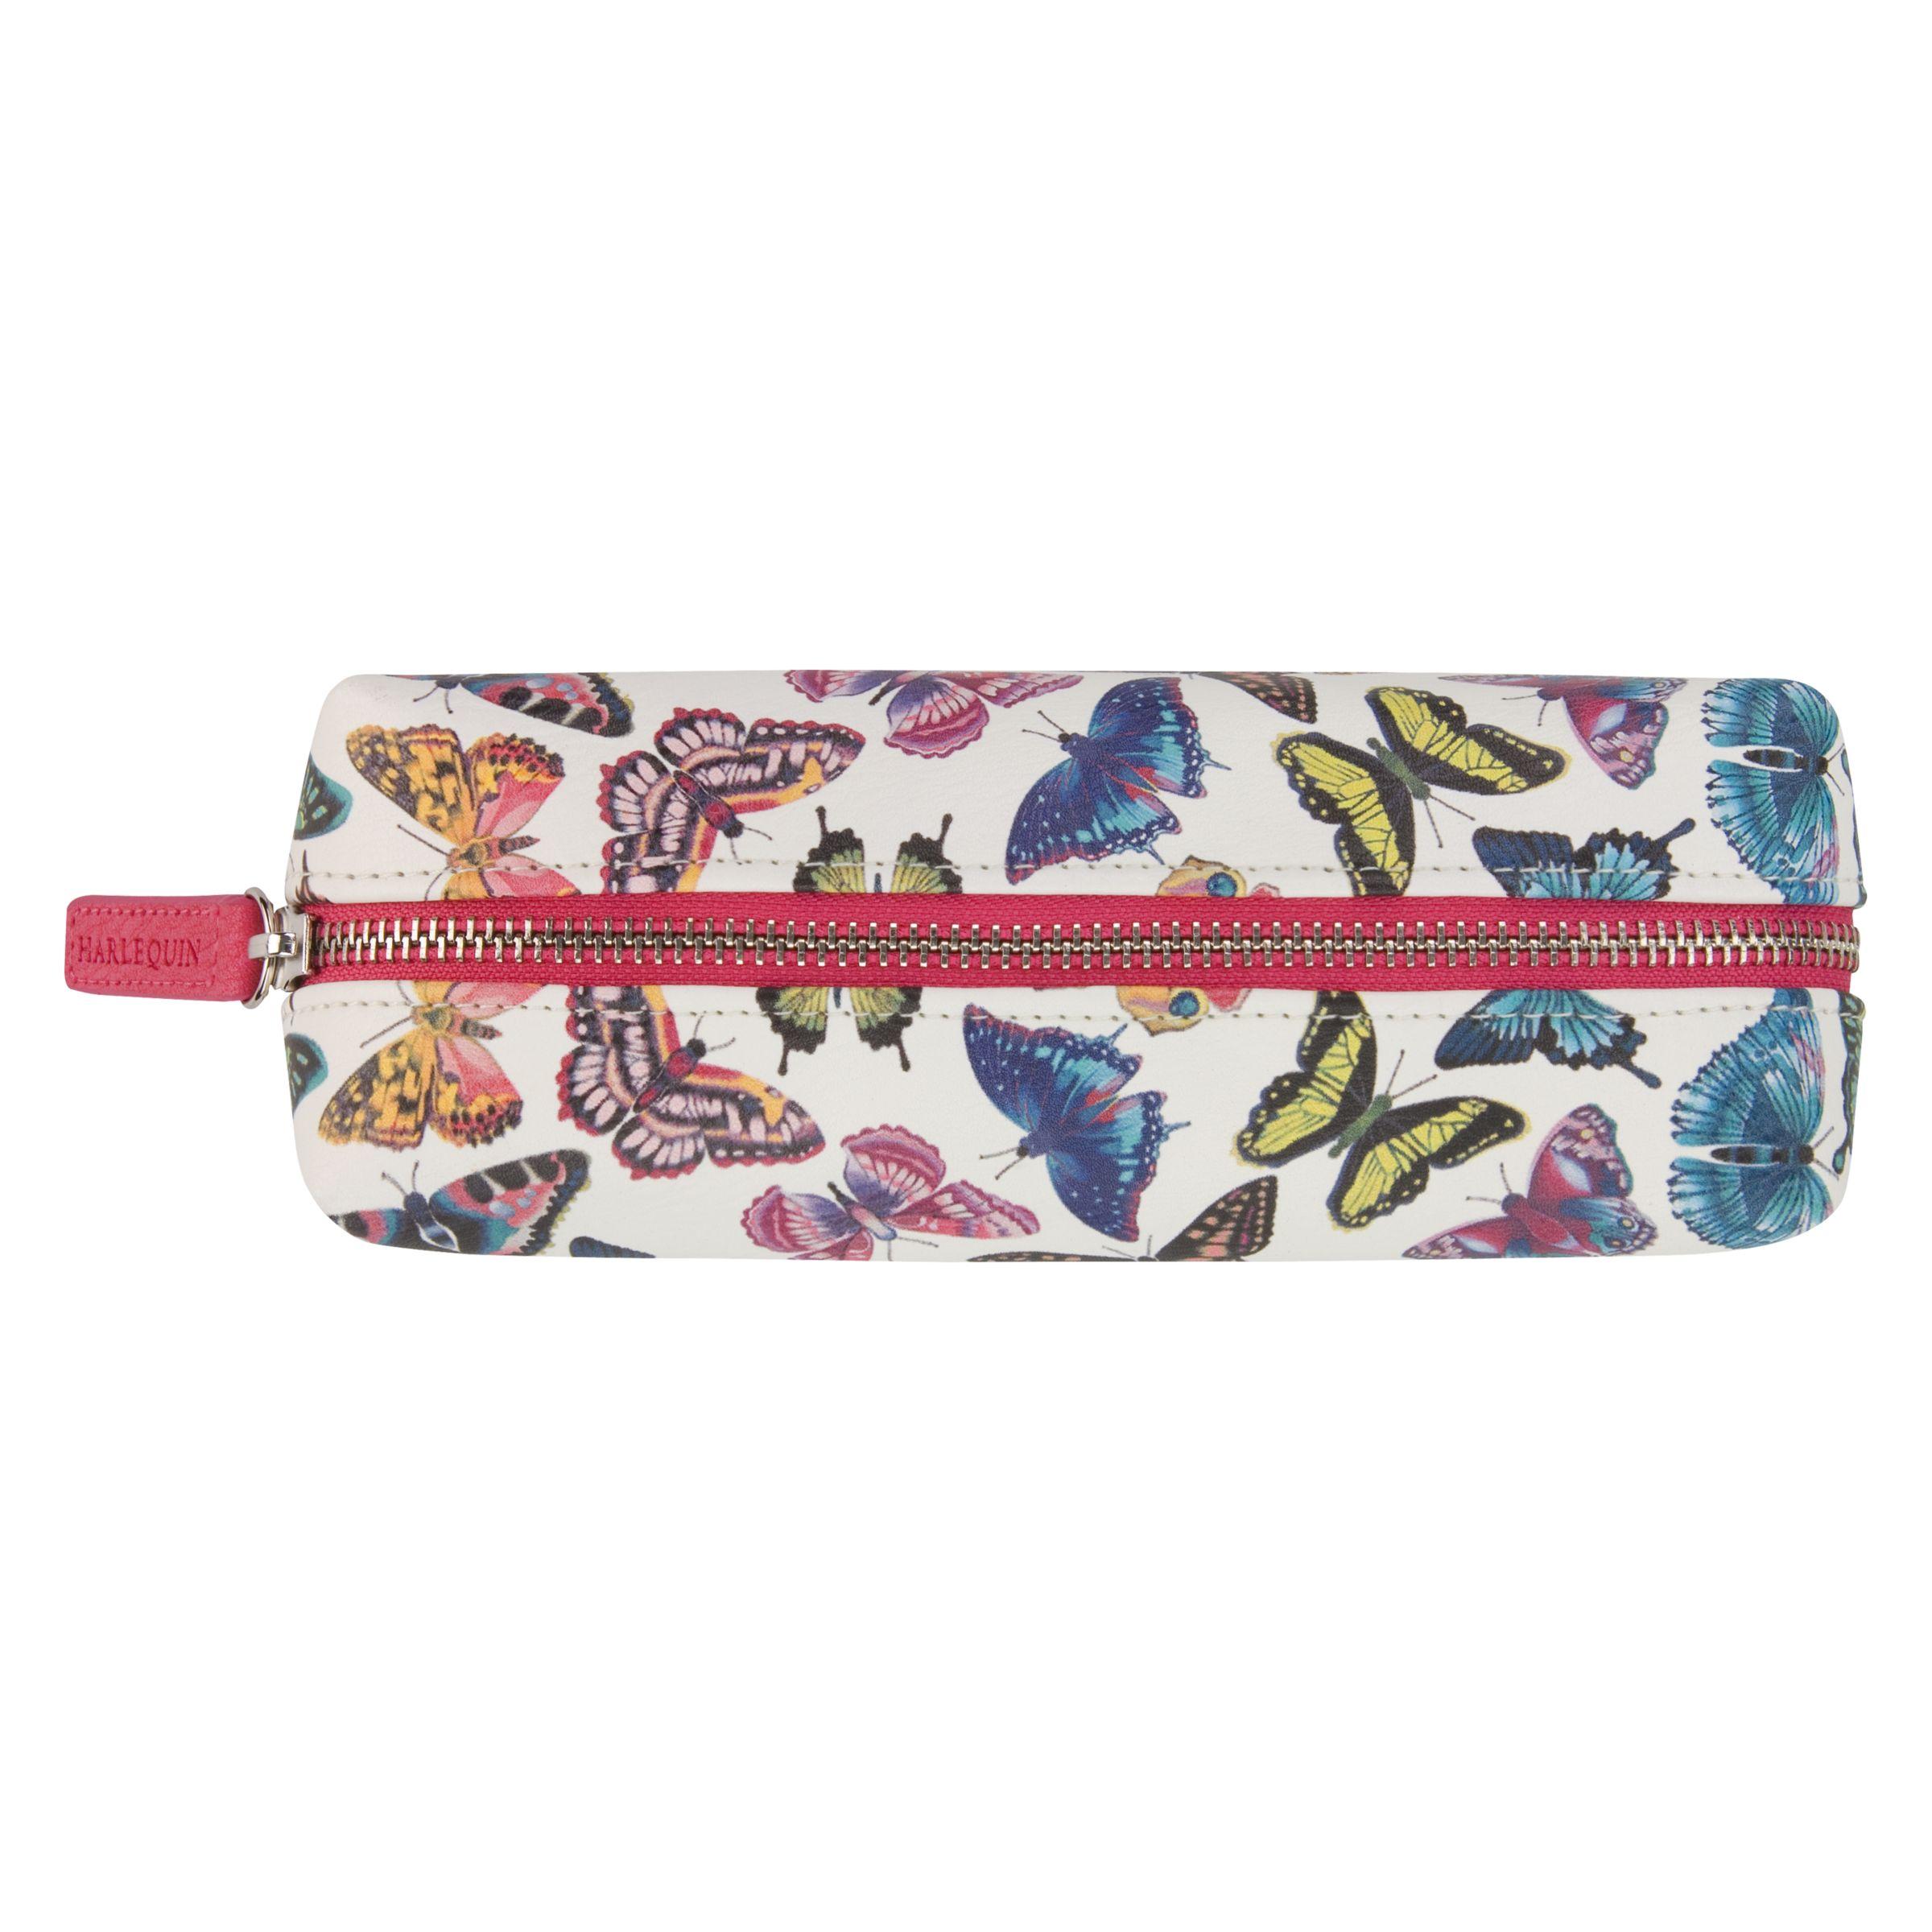 Harlequin Harlequin Papilio Pencil Case